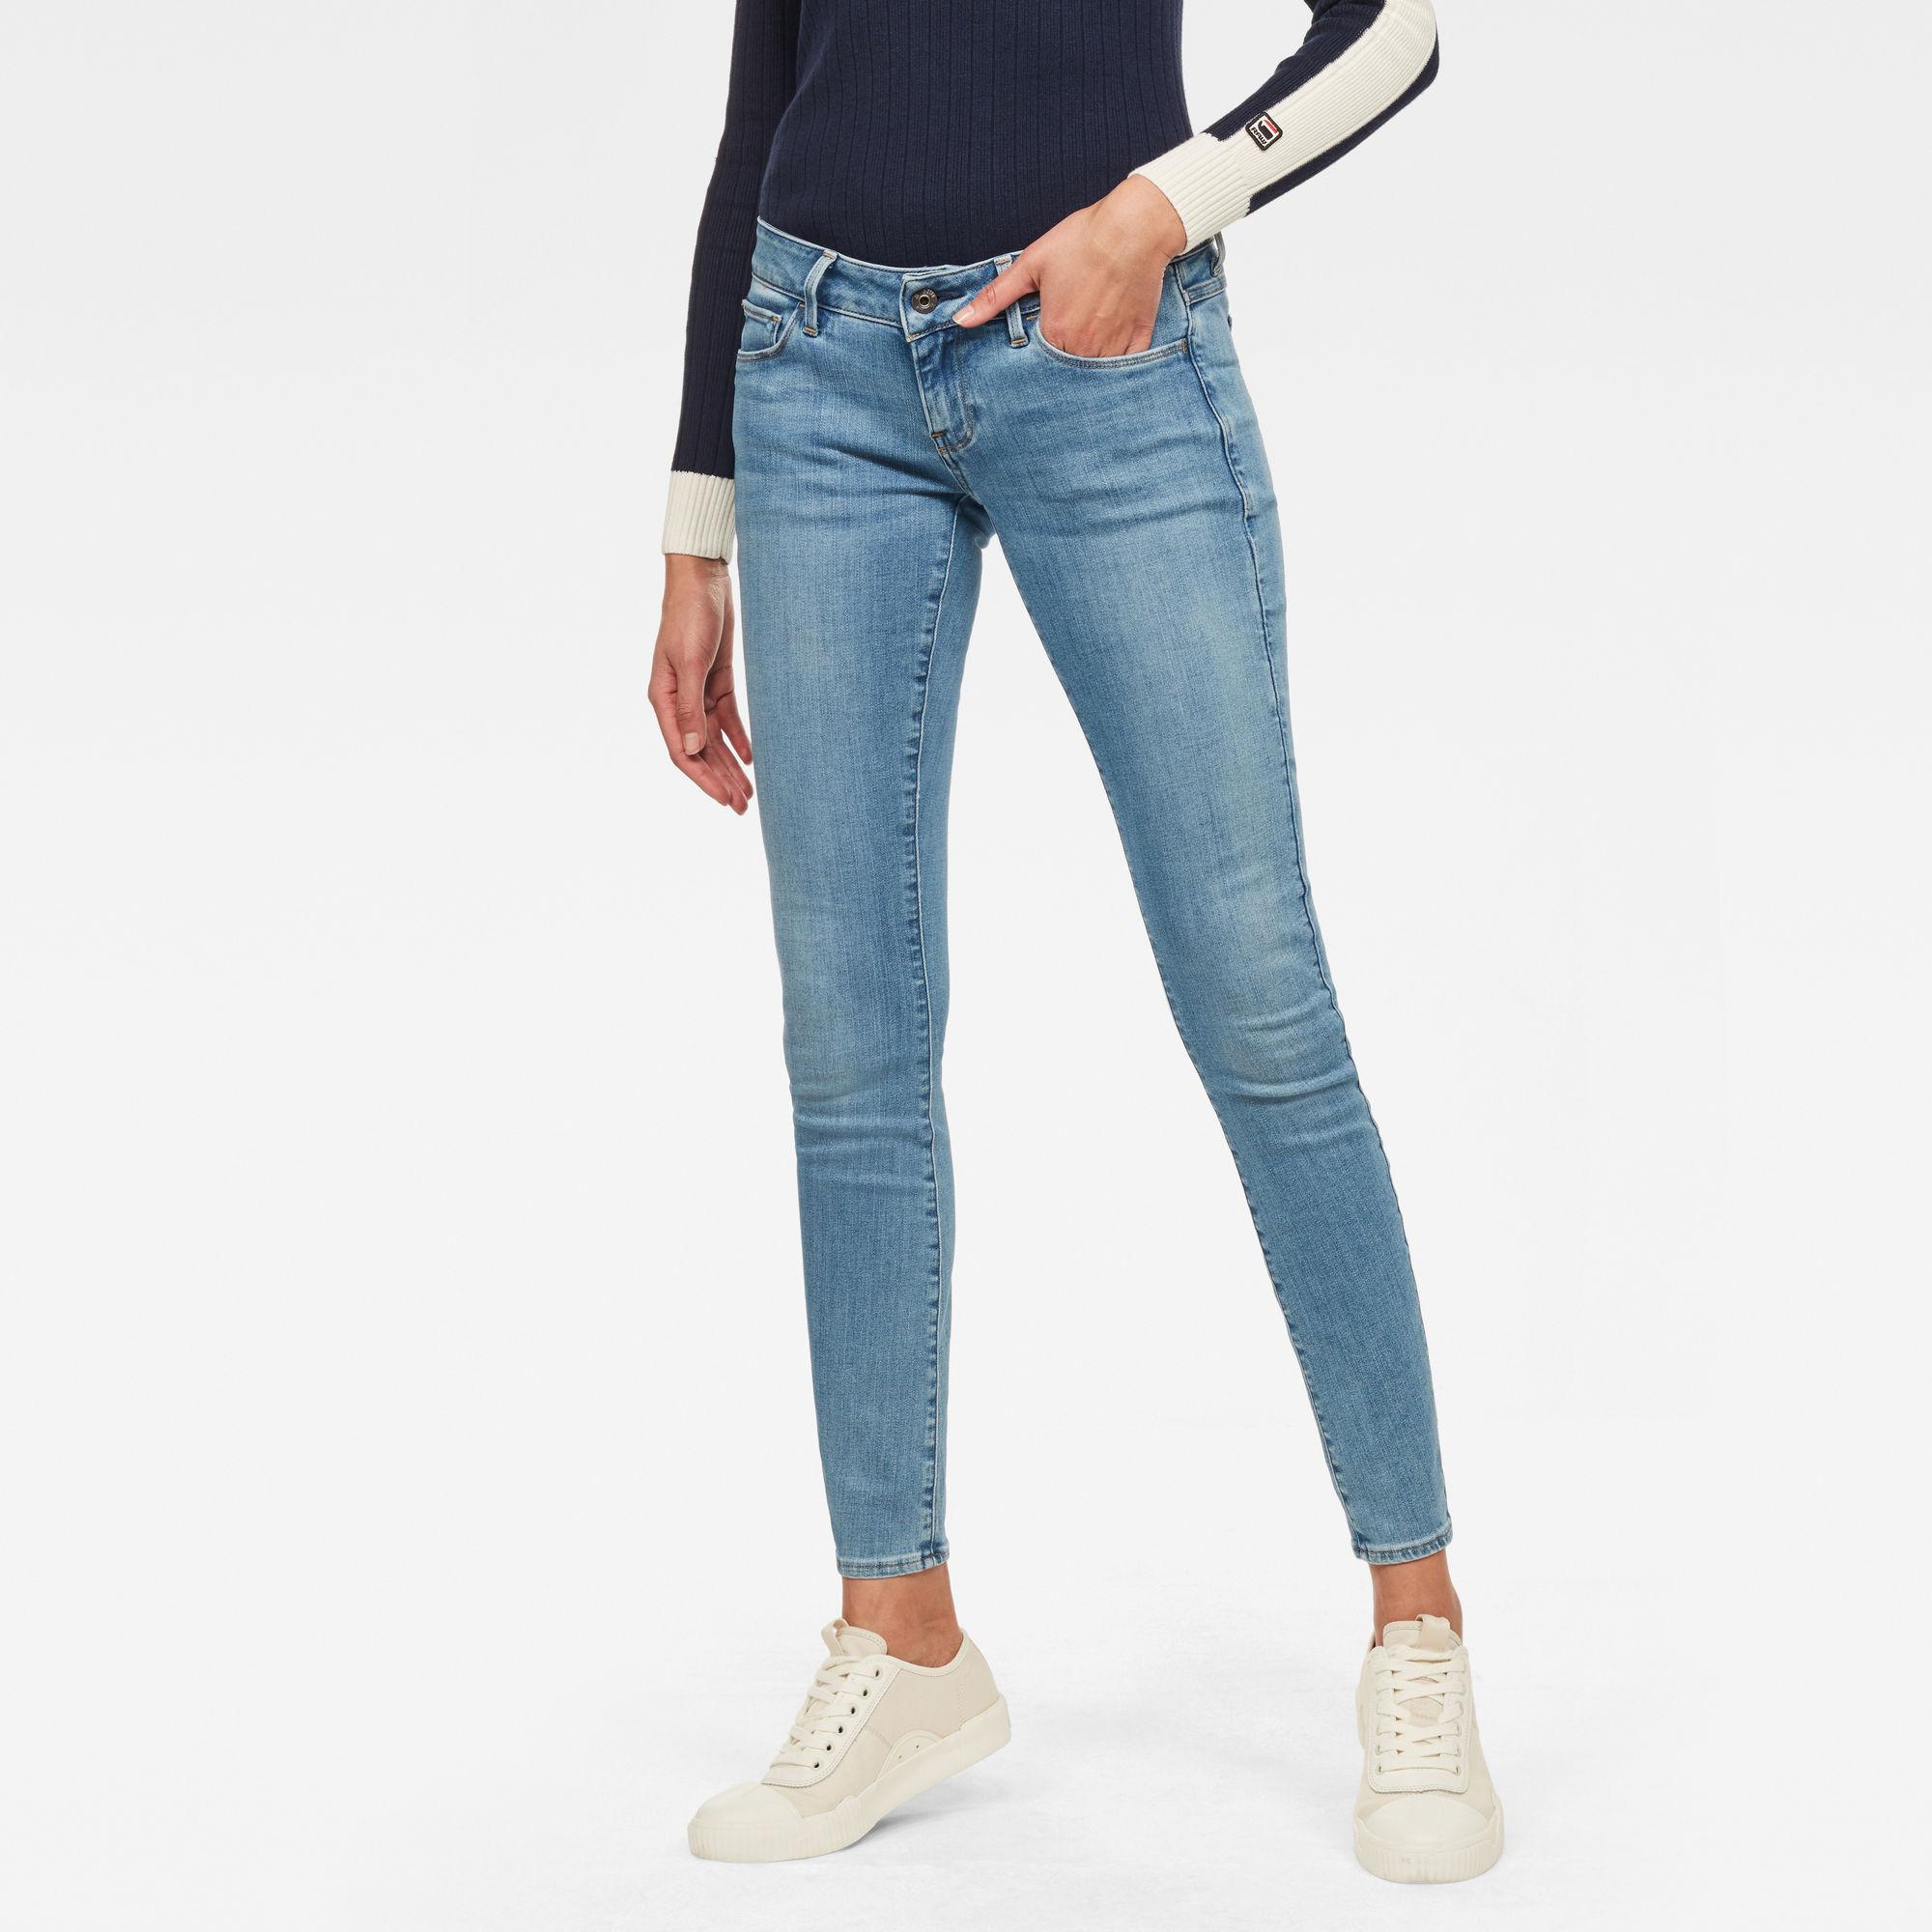 Van G Star Raw 3301 Deconstructed Low Waist Skinny Jeans Prijsvergelijk nu!